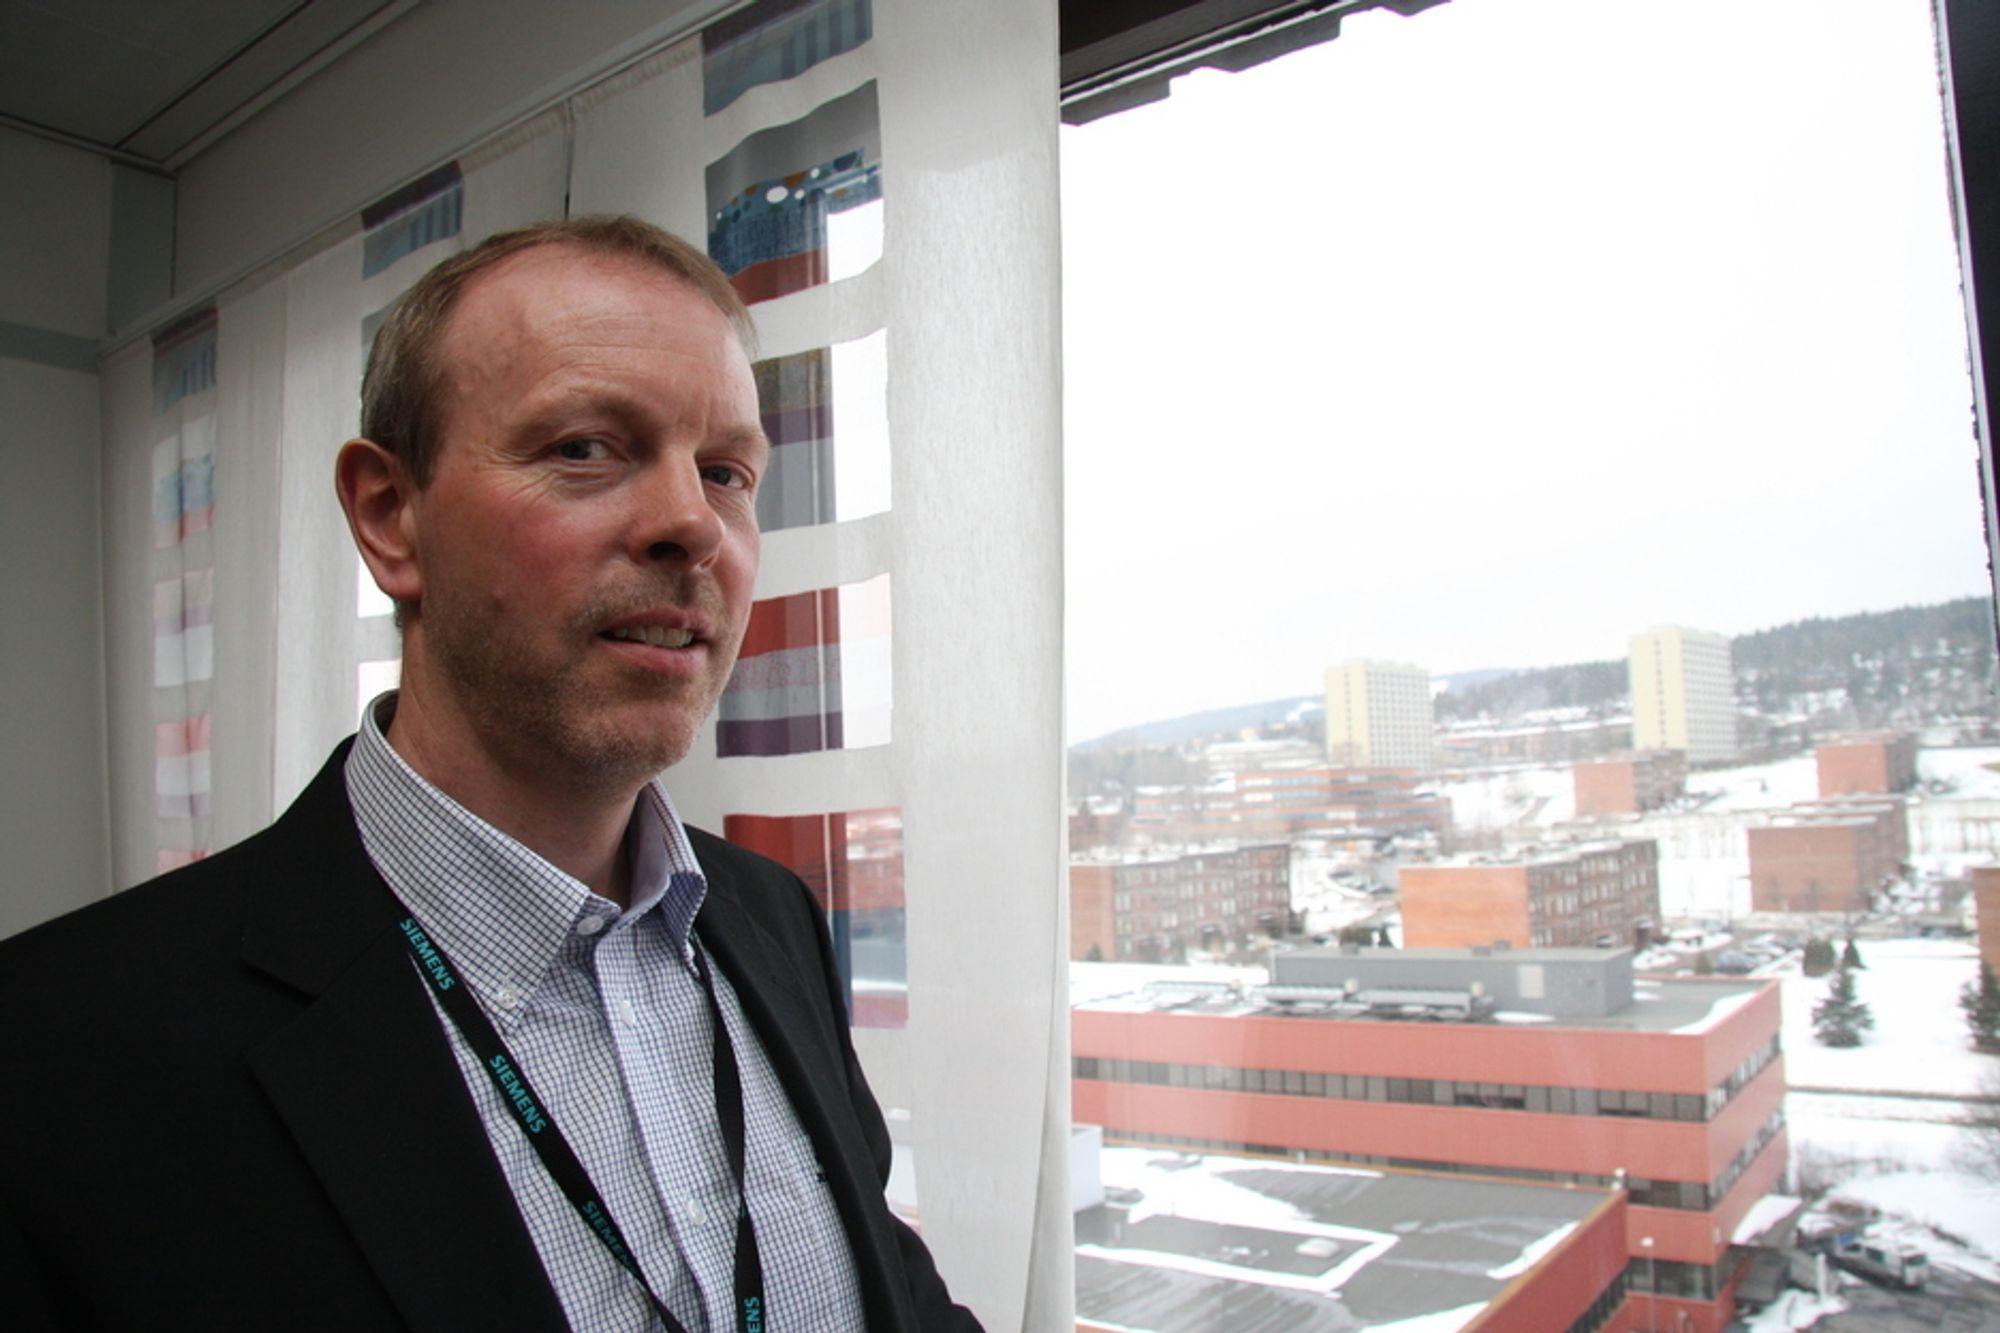 SPARE ENERGI: Are-Magne Kregnes fra Simens er innsatsleder for energieffektivisering i Energi 21. Han håper å få satt energieffektivisering på dagsorden, slik at både eiere og ledere skjønner hvor viktig det er.